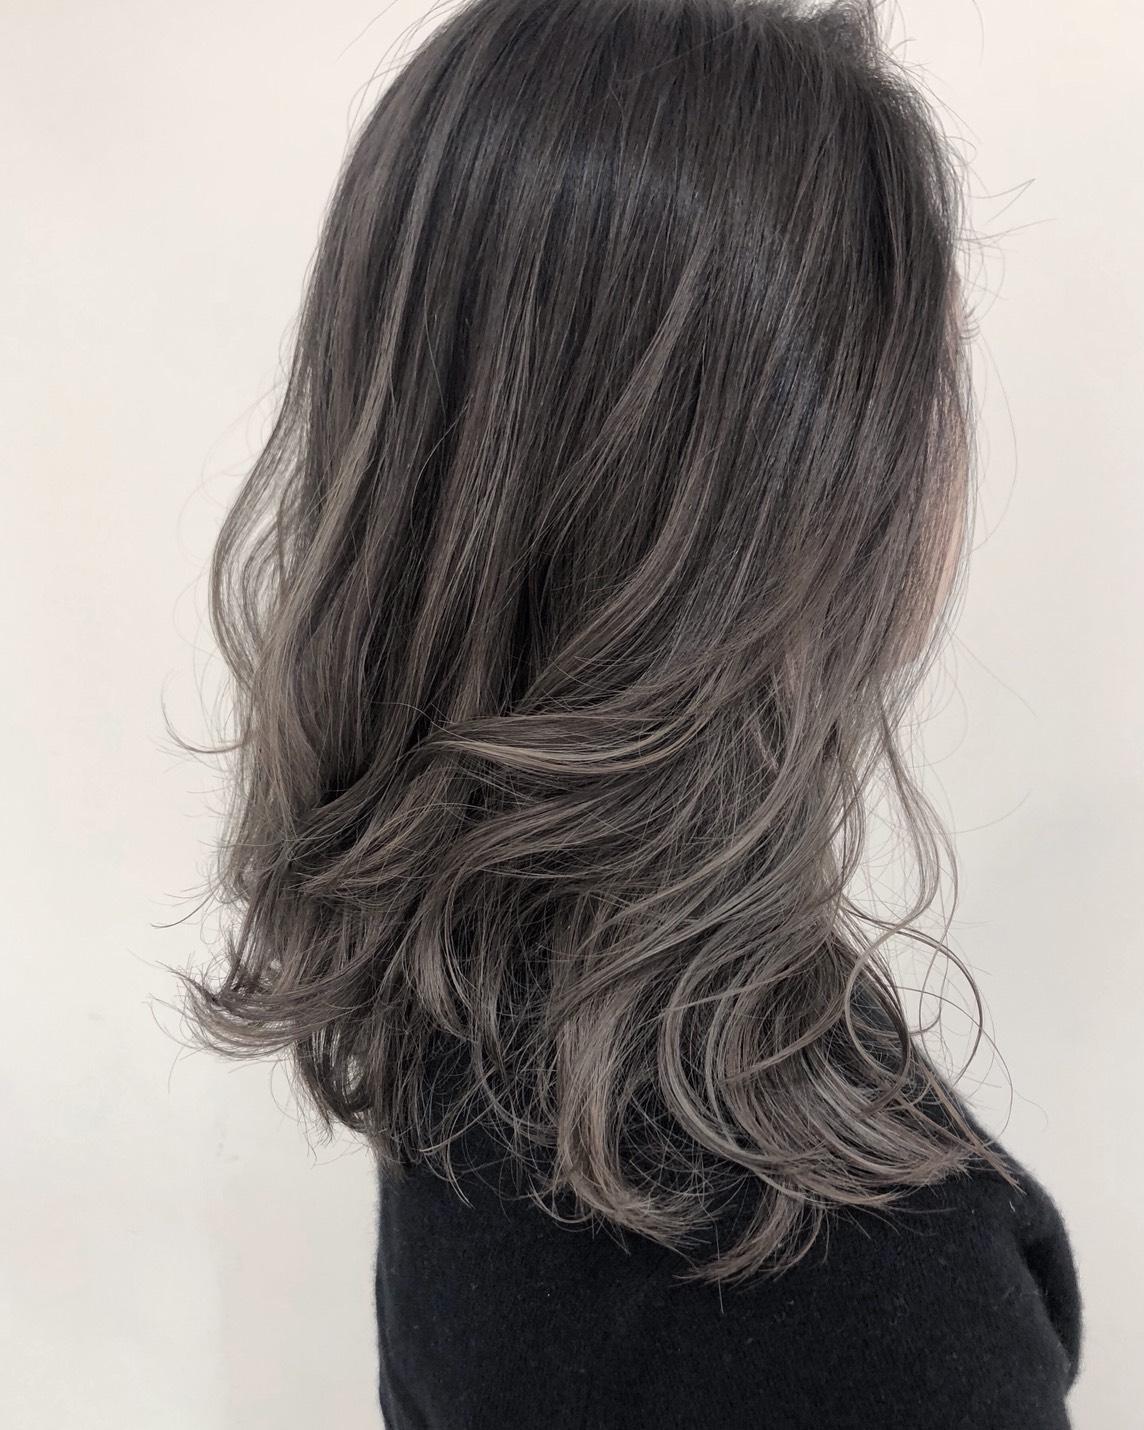 気になる白髪をきちんと染めることで、いつまでも上品で若々しい印象♪おしゃれに白髪をケアして常に進化!